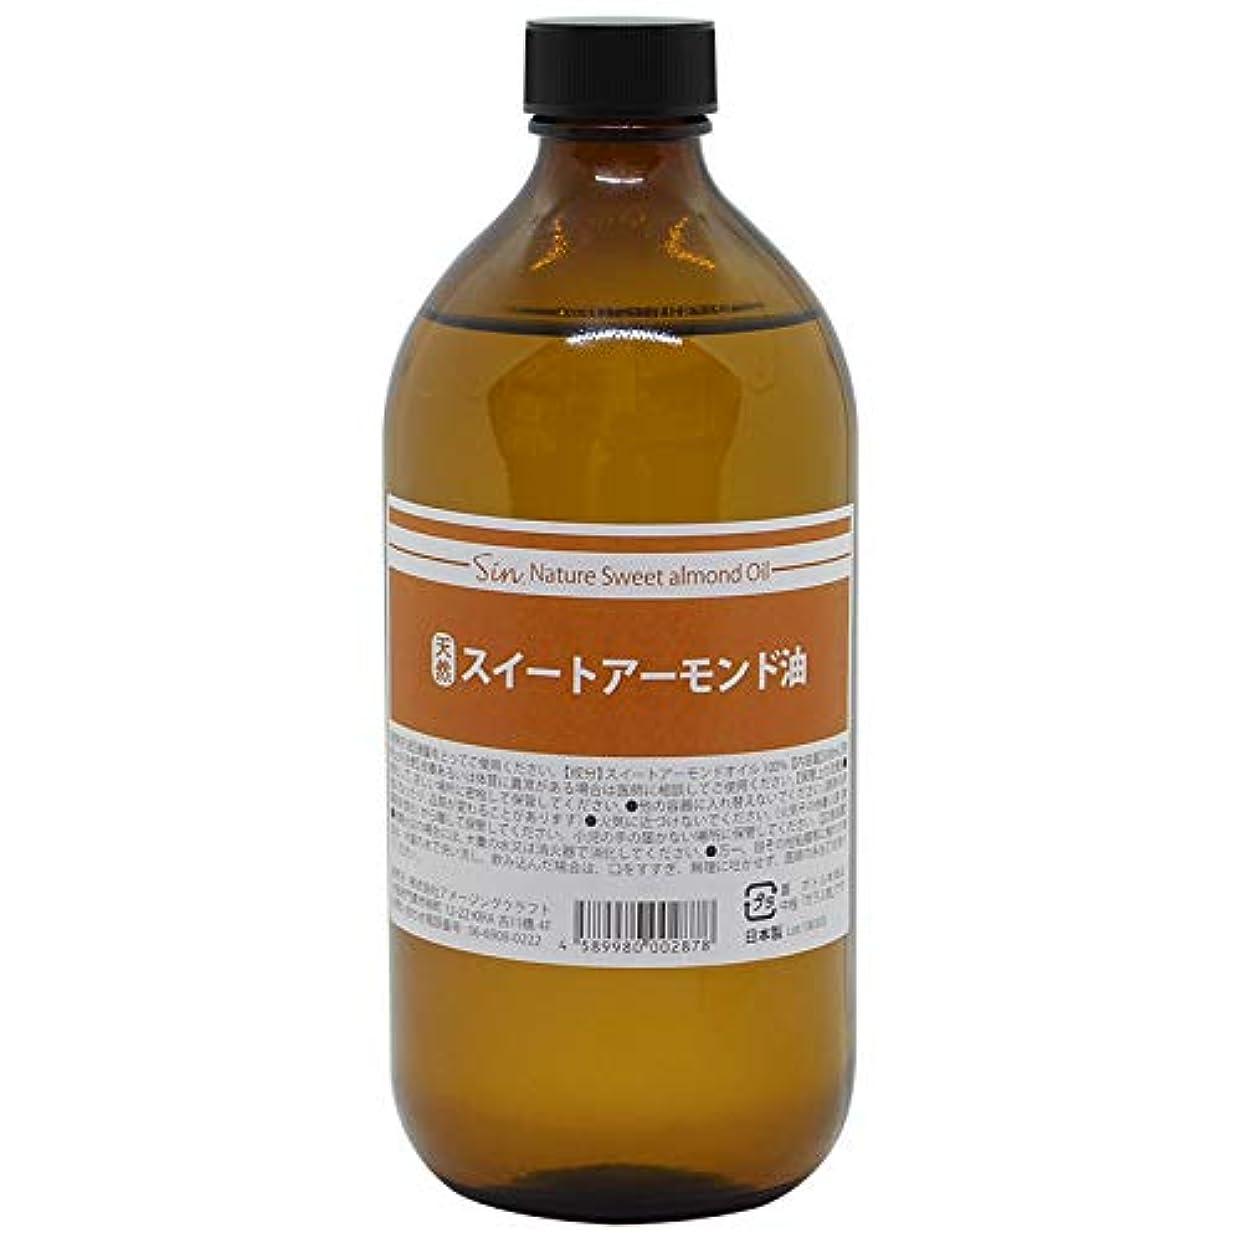 スロープ成熟したうま天然無添加 国内精製 スイートアーモンドオイル 500ml キャリアオイル